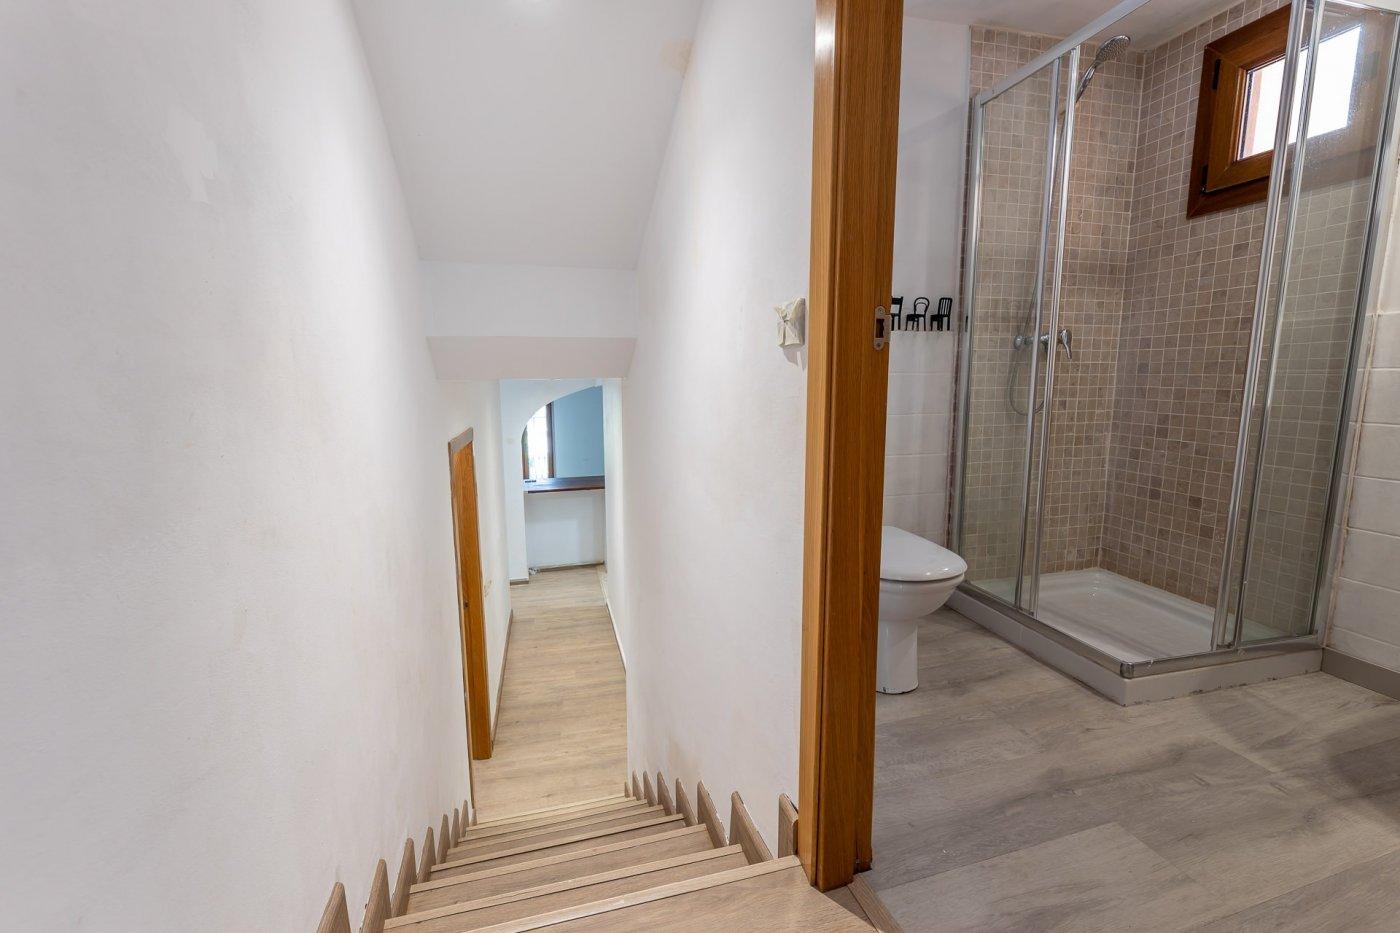 Piso tres habitaciones y amplia terraza en el centro de inca - imagenInmueble13